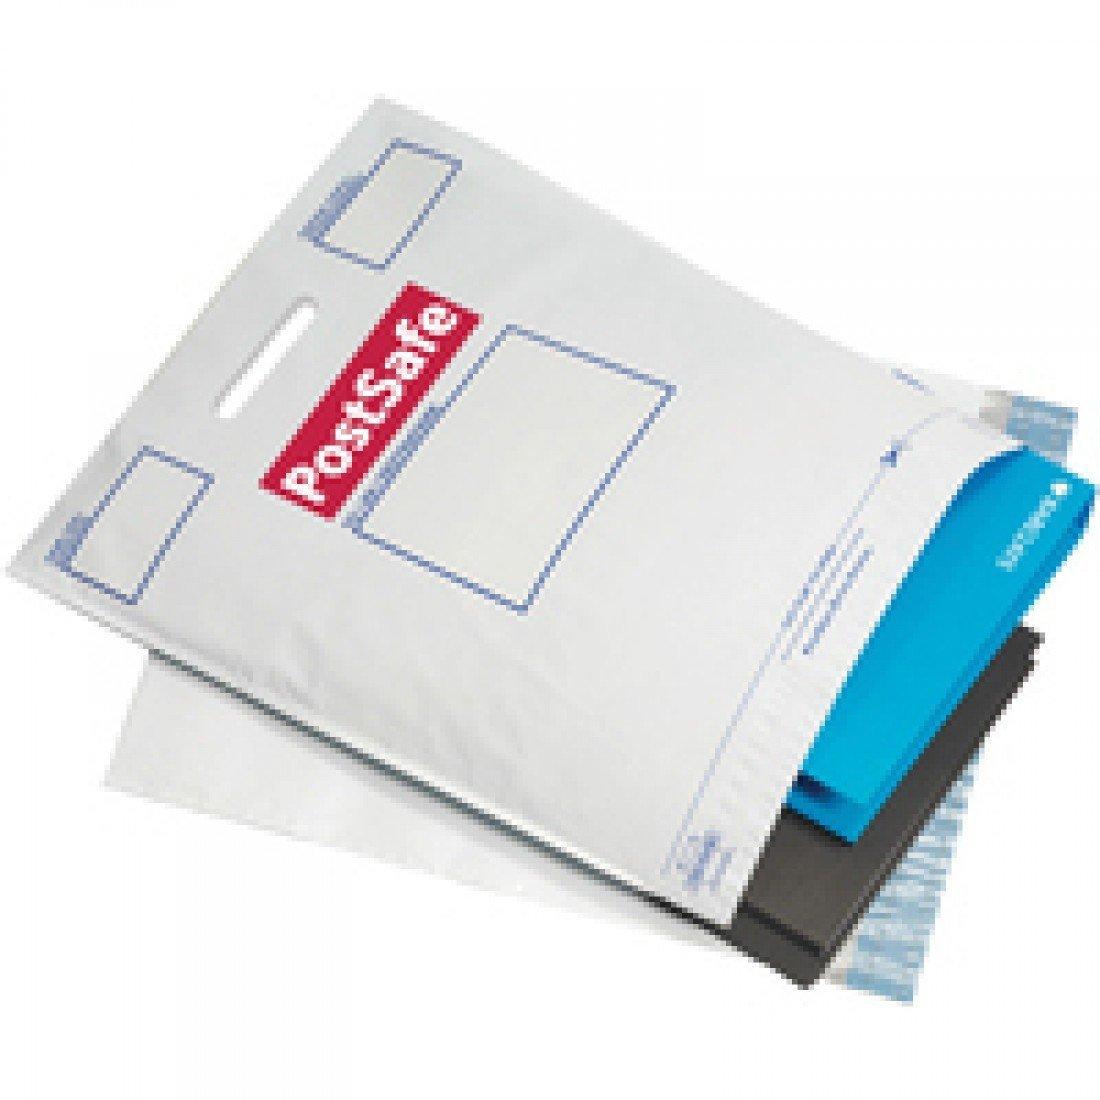 Postsafe   Tủ bảo hiểm bưu điện phải tái chế PE 32 335 * 430 mm Easy bộ đục (3 điều giả)